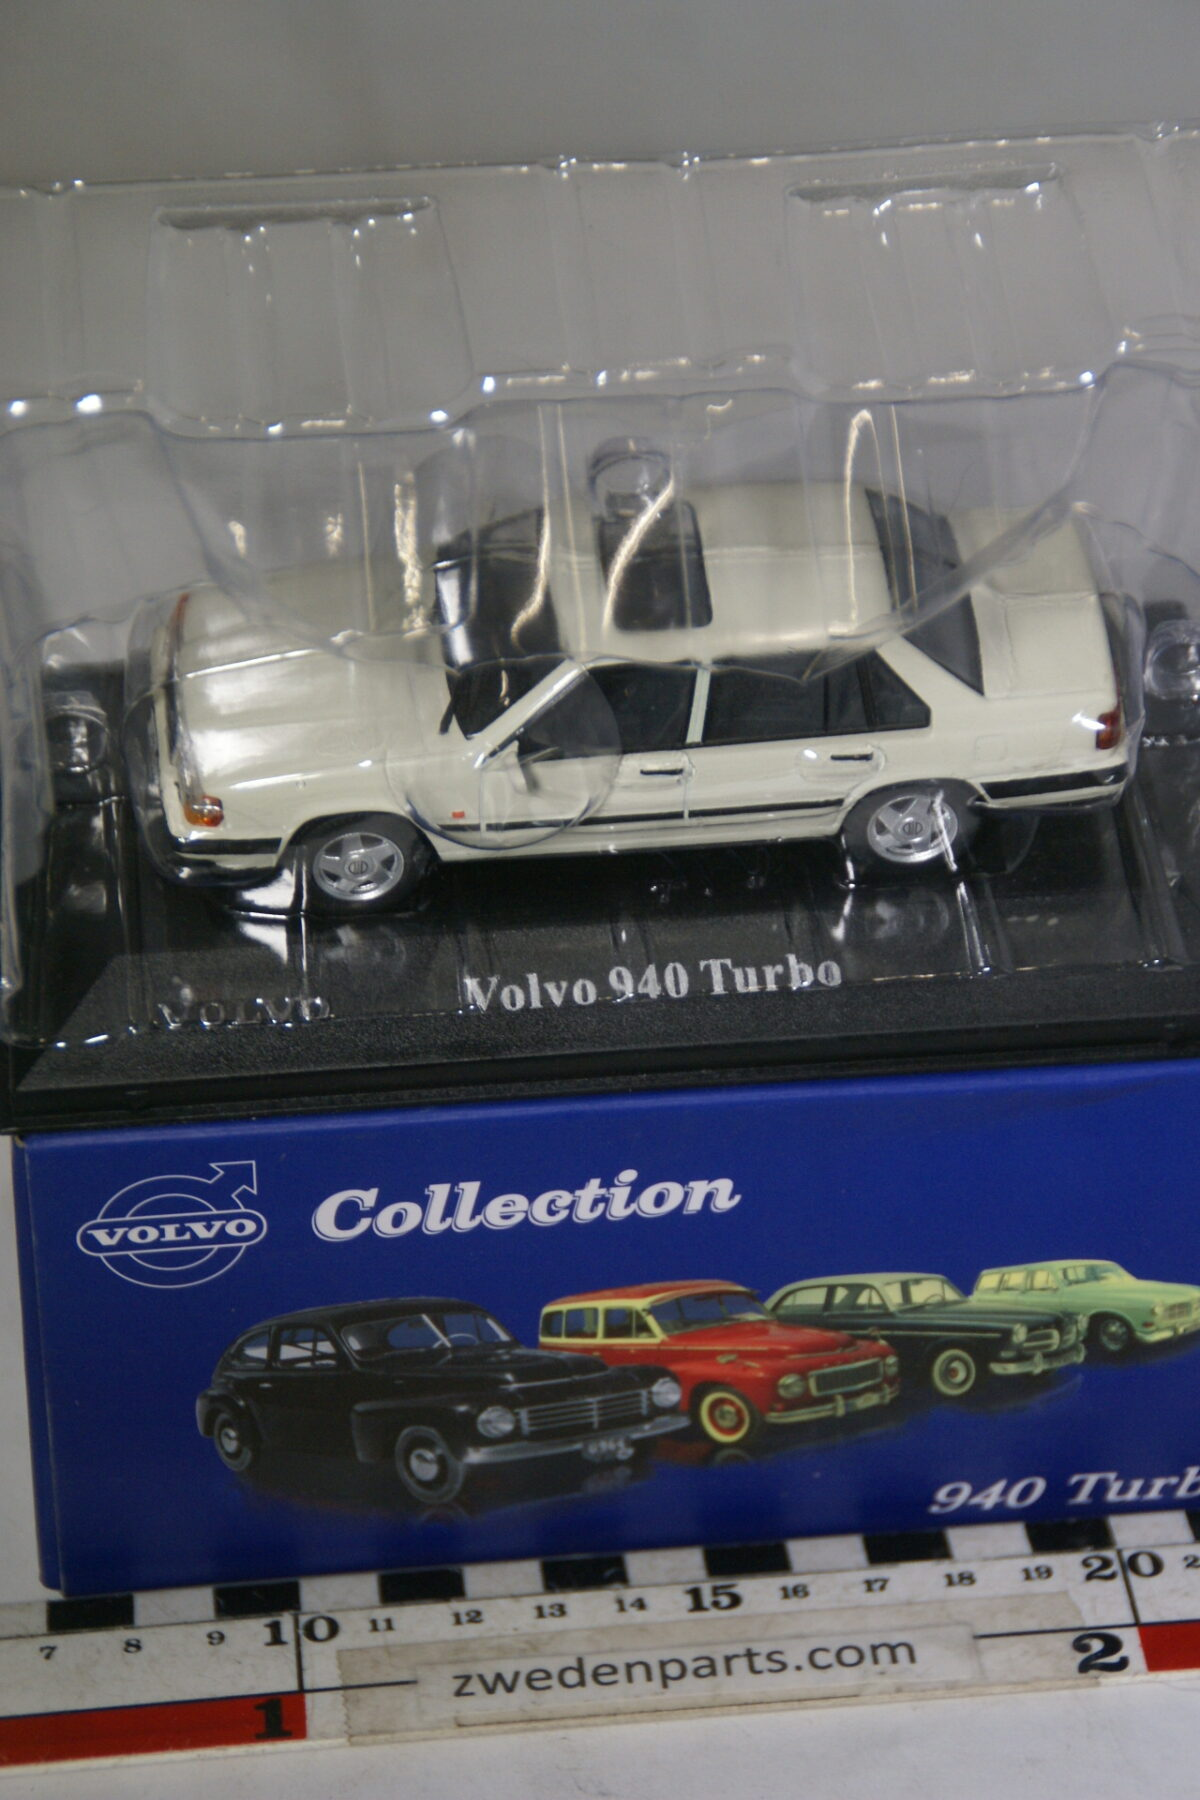 DSC00506 miniatuur Volvo 940 944 Turbo wit 1op43 Atlas 74 nieuw in originele verpakking-a8c1bfc6